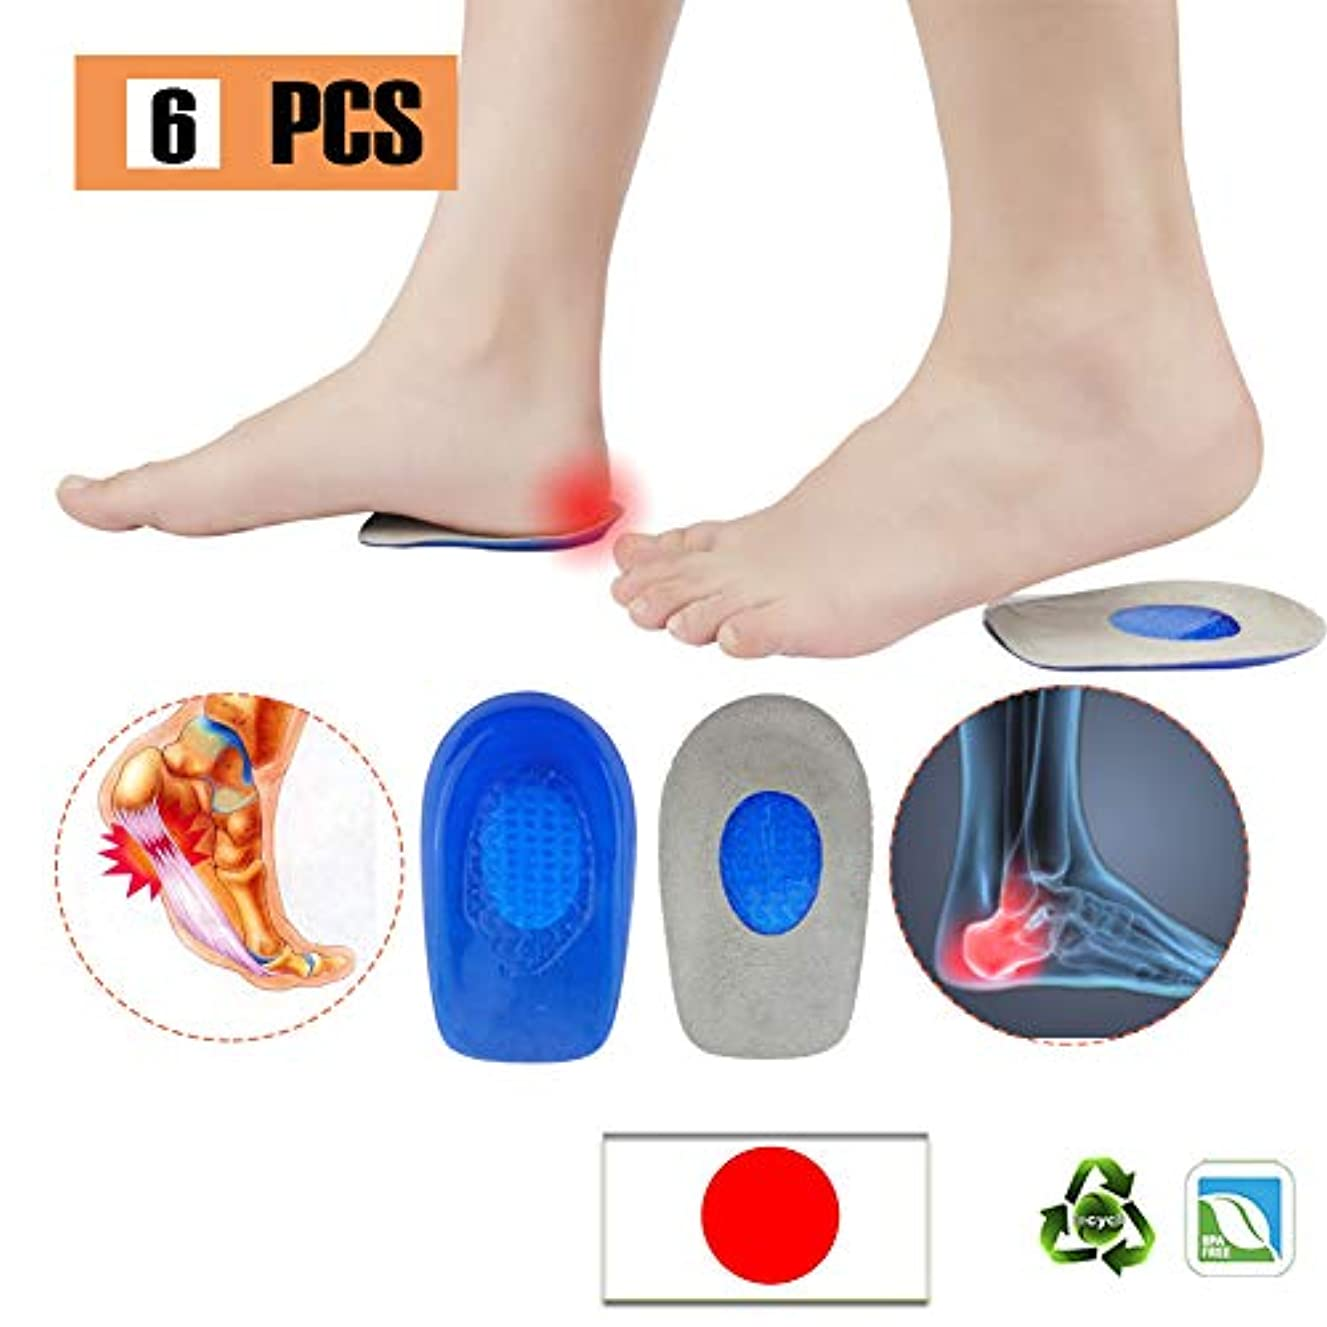 知人批判見込み足底筋膜炎インサート かかと中敷き ヒールカップ ゲル ヒールパッド クッション (3ペア)ヒールインサート 踵の痛みに最適 アキレス腱炎 男女兼用